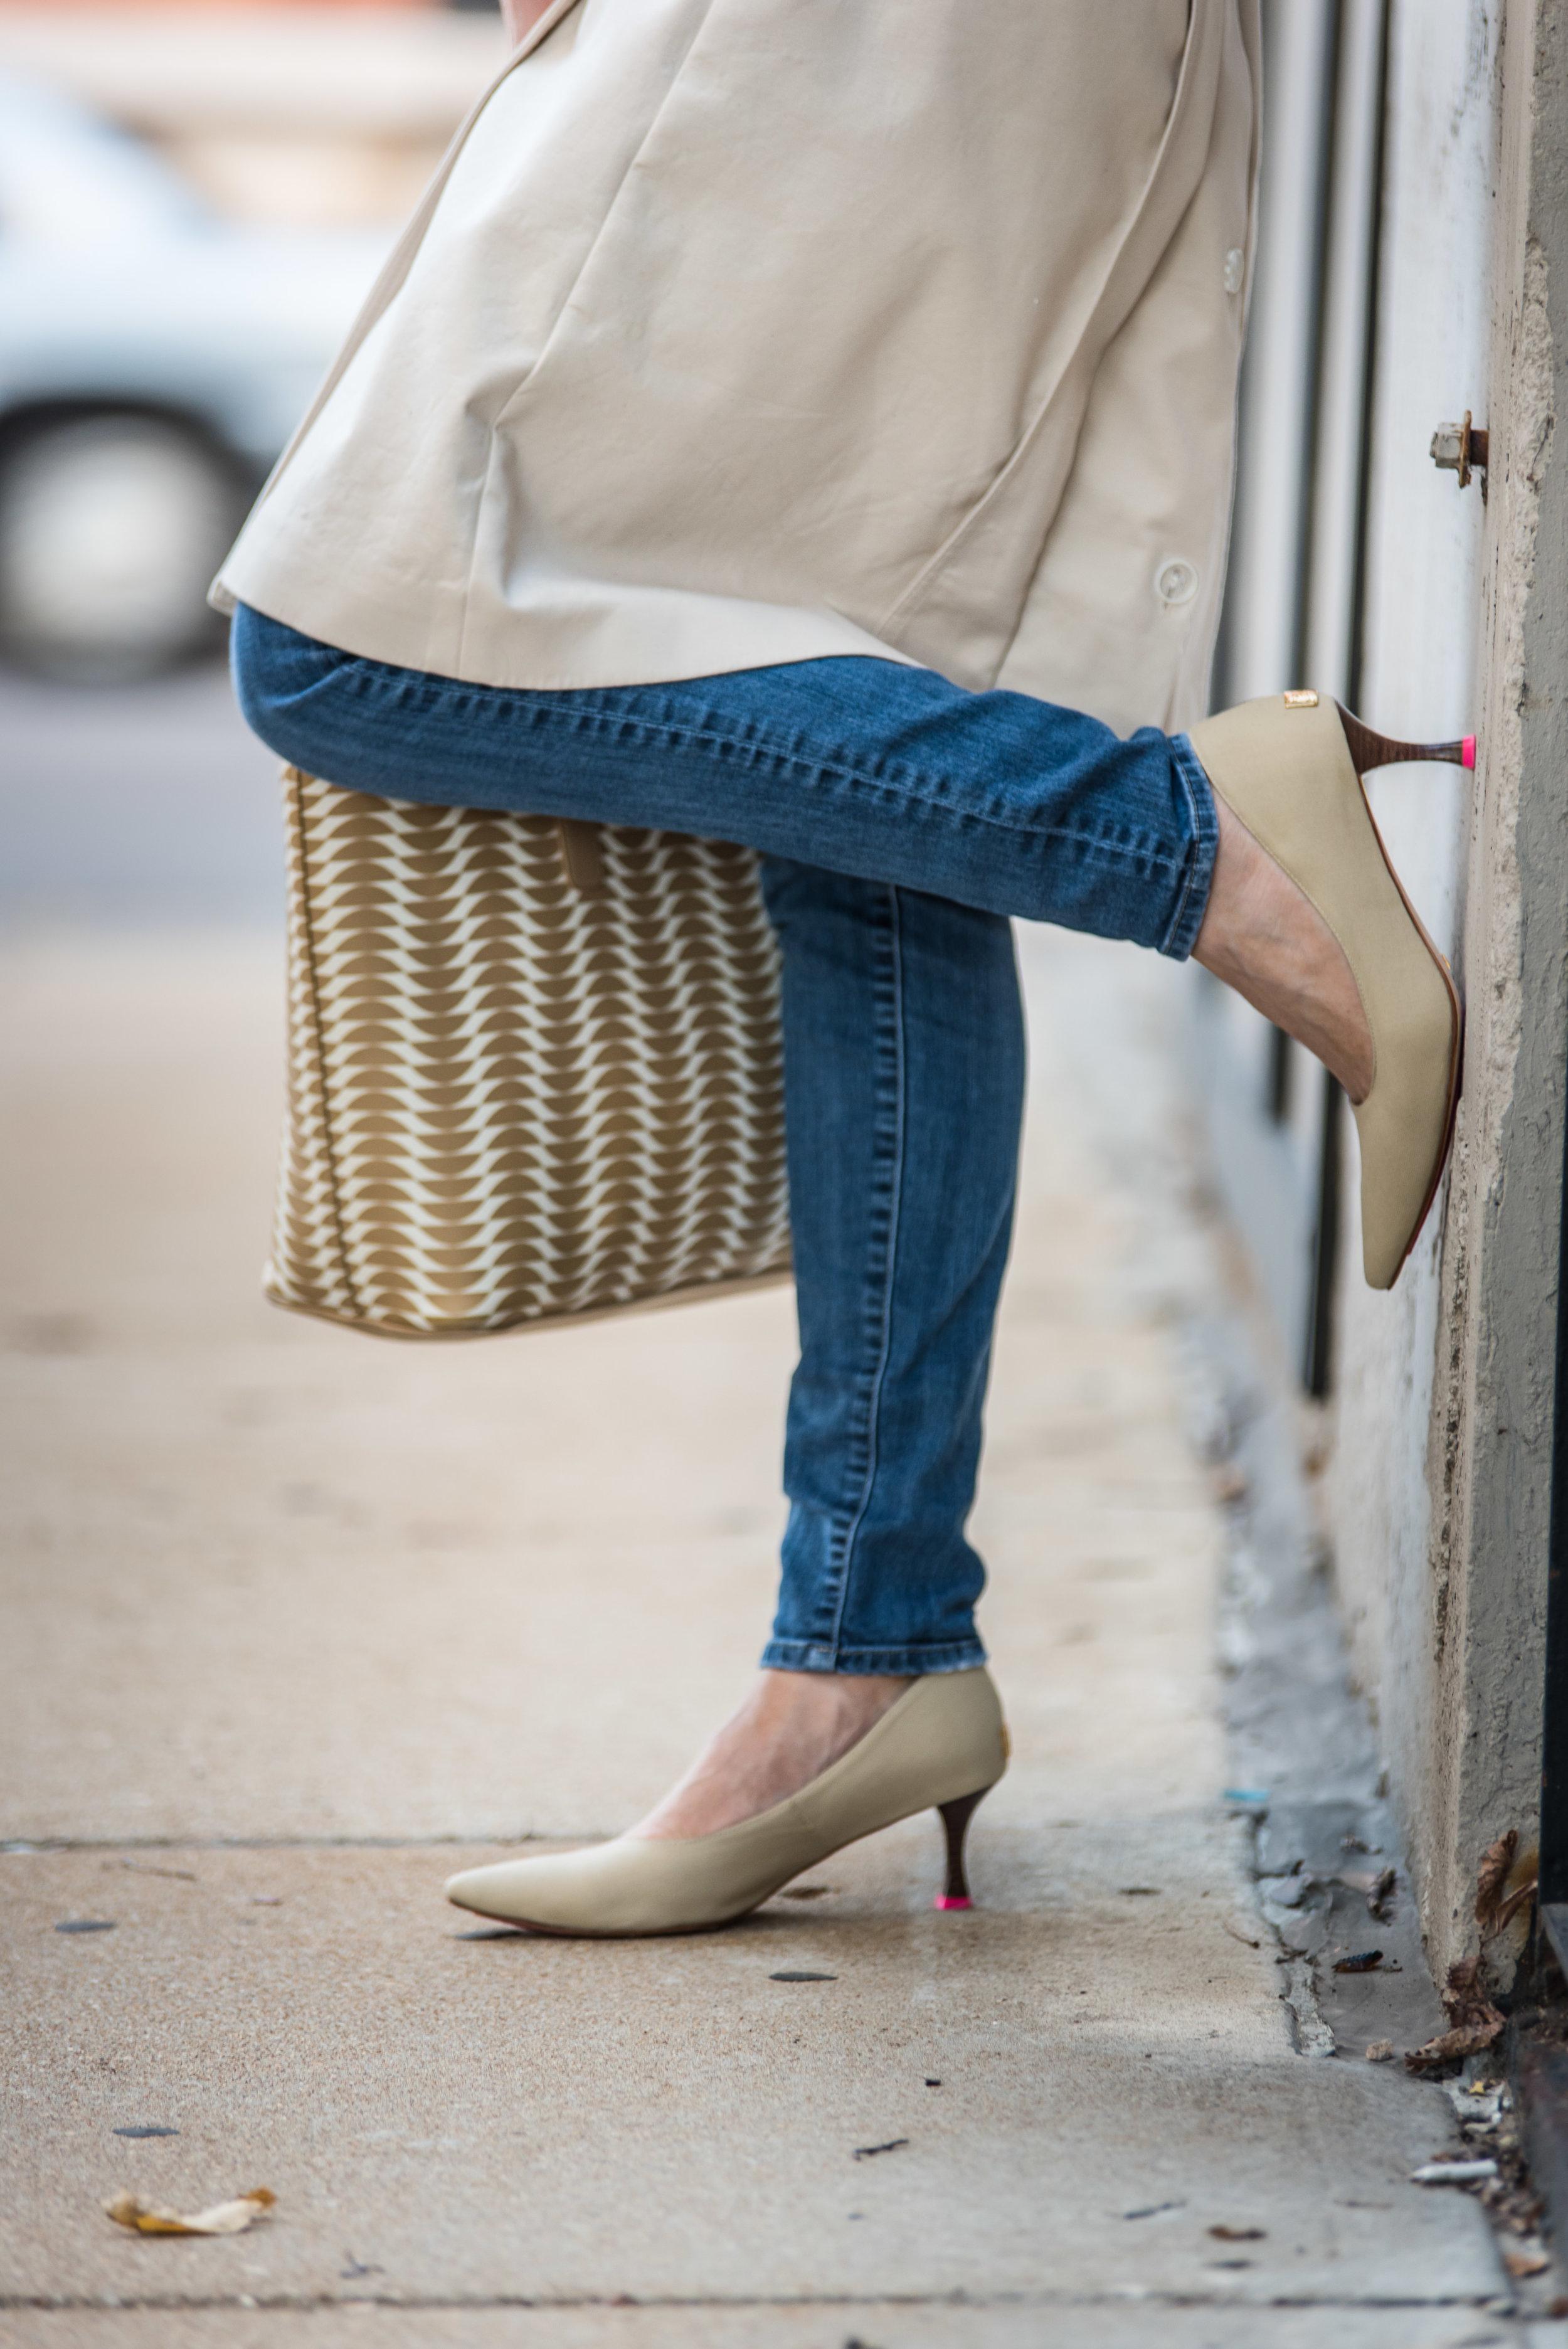 claire-flowers-shoes-michael-e-henson-st-louis-8773.jpg